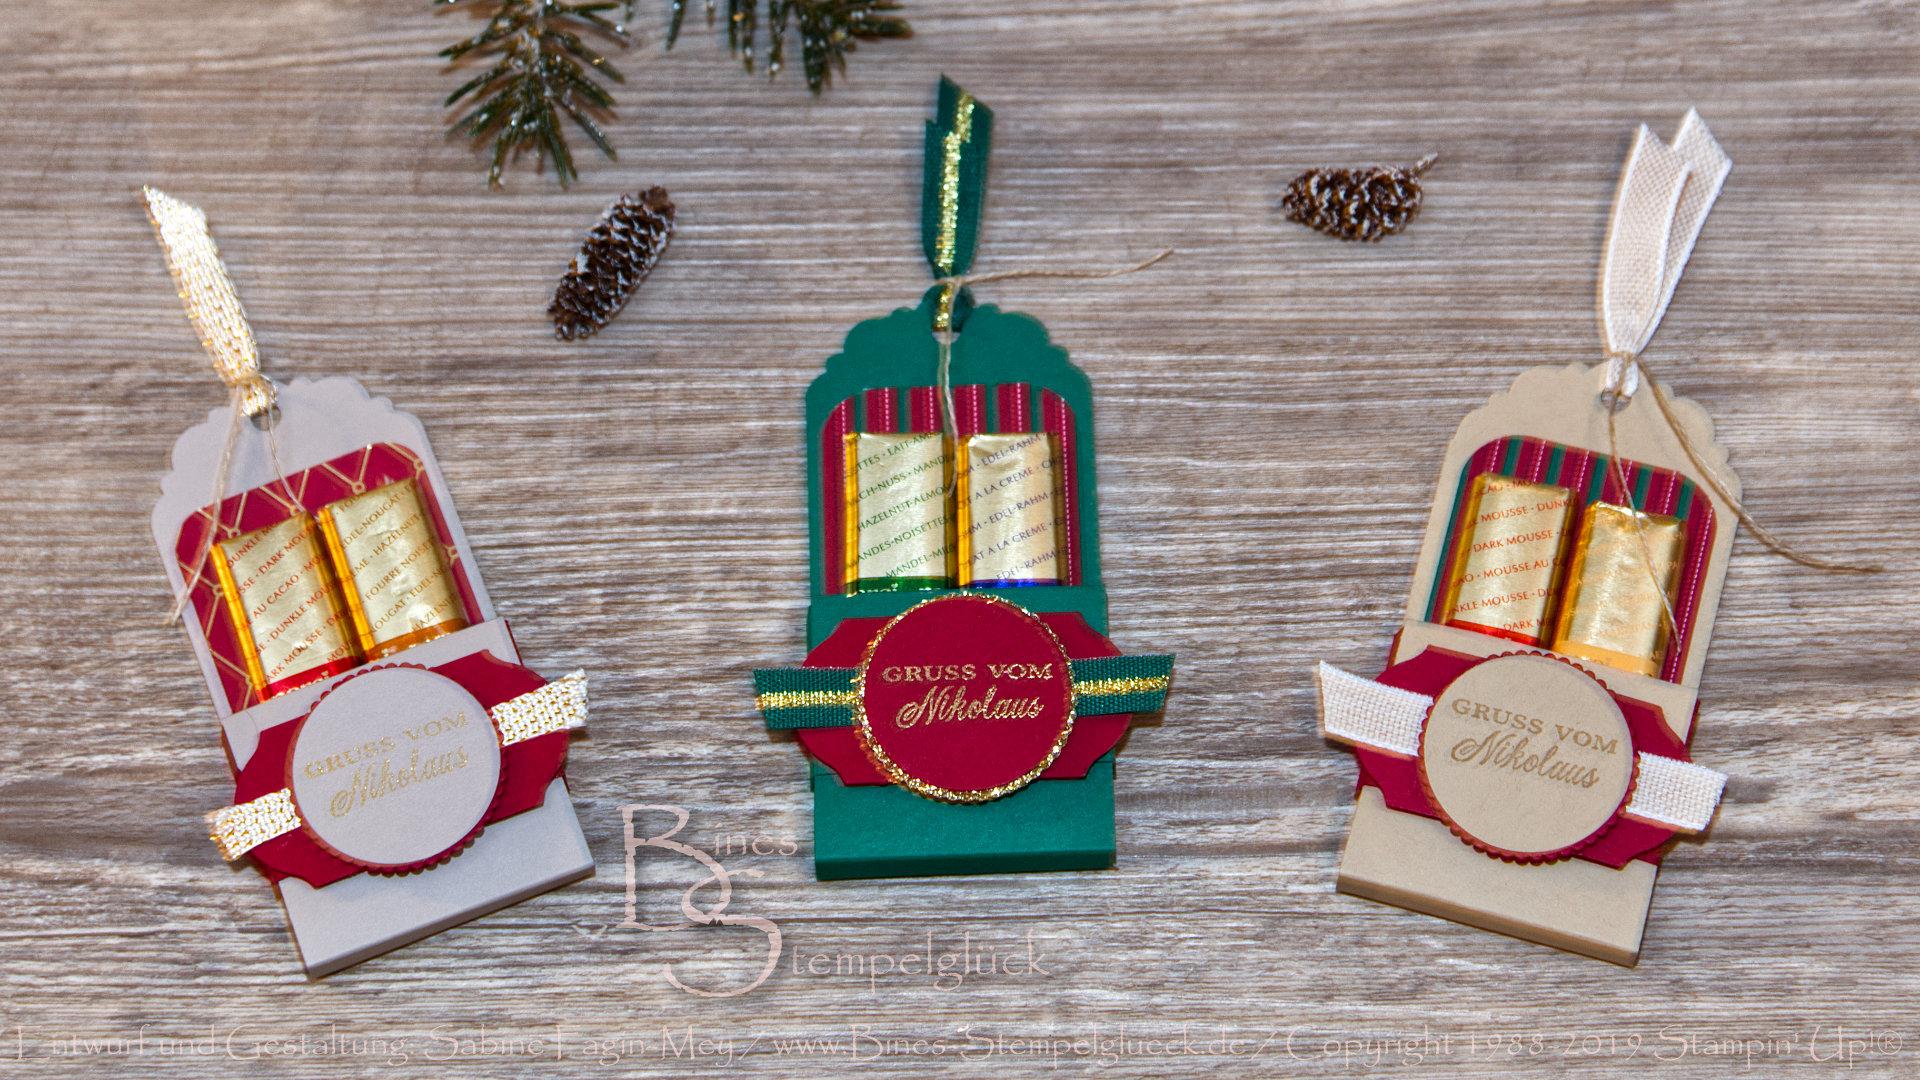 Goodie/Tischdeko für die Weihnachtstafel mit Stampin' Up! Produkten